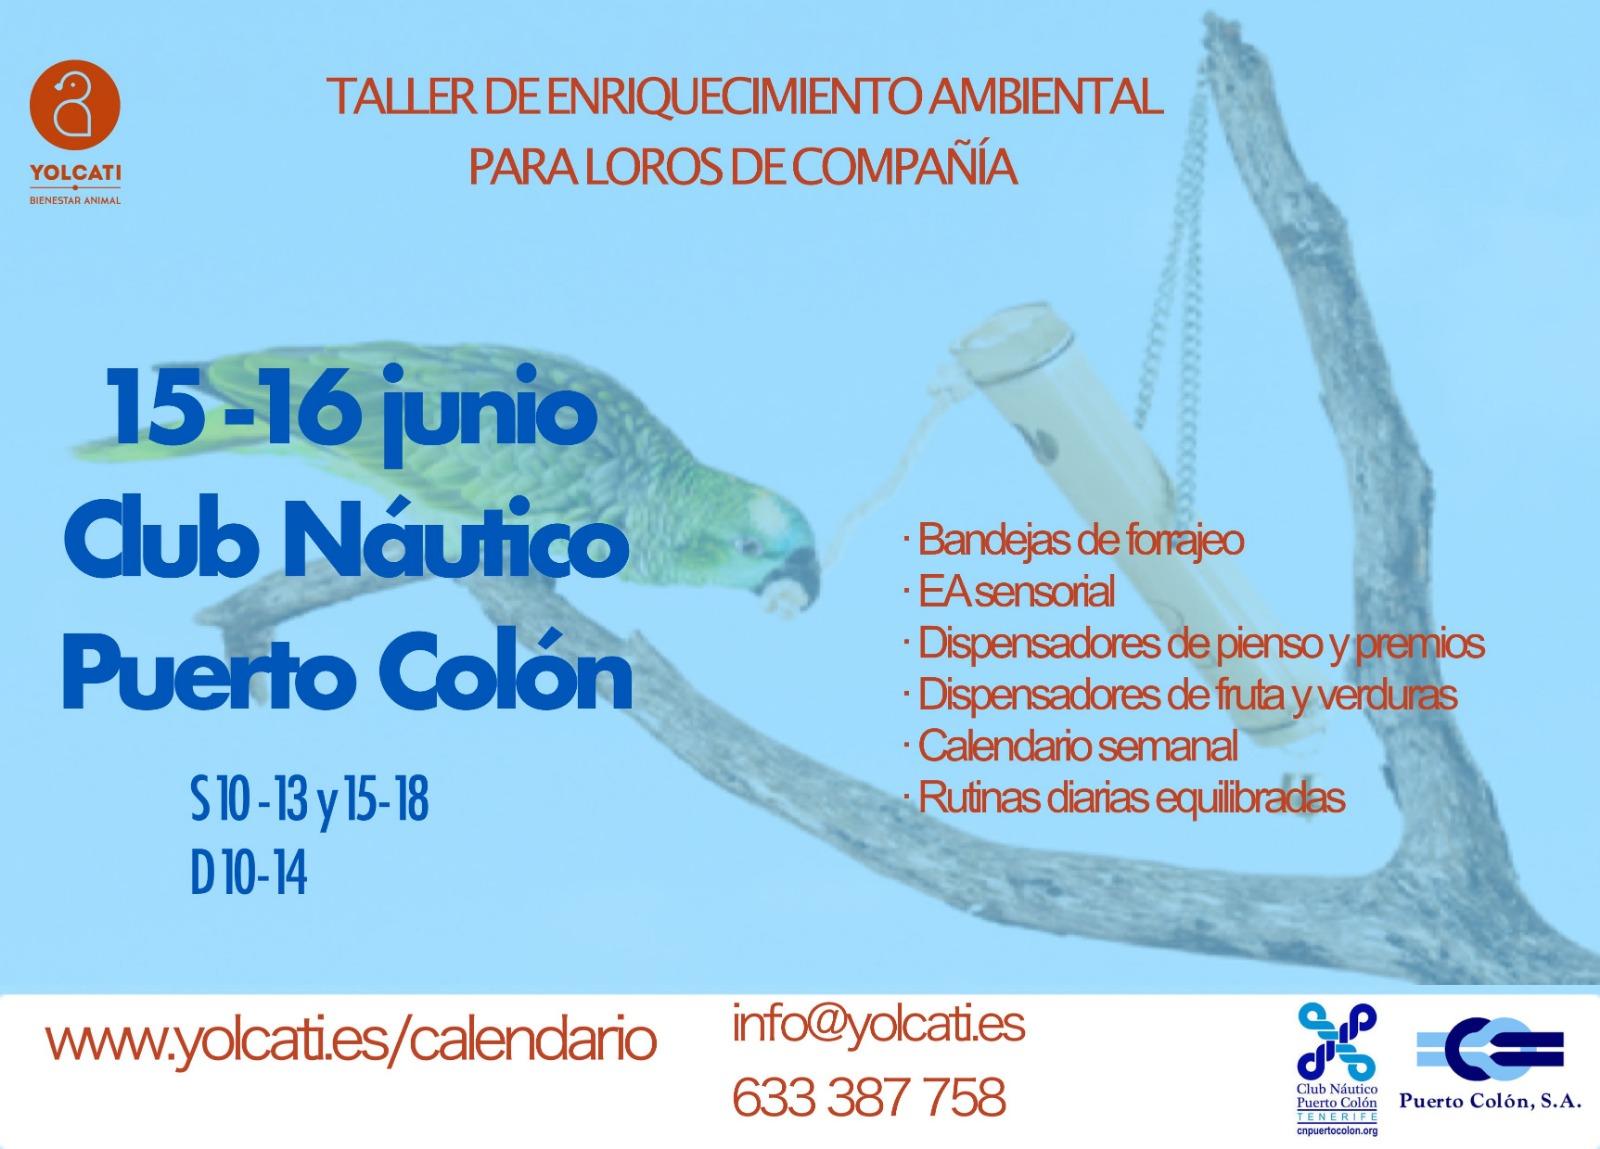 Taller de enriquecimiento ambiental para loros @ Club Náutico Puerto Colón